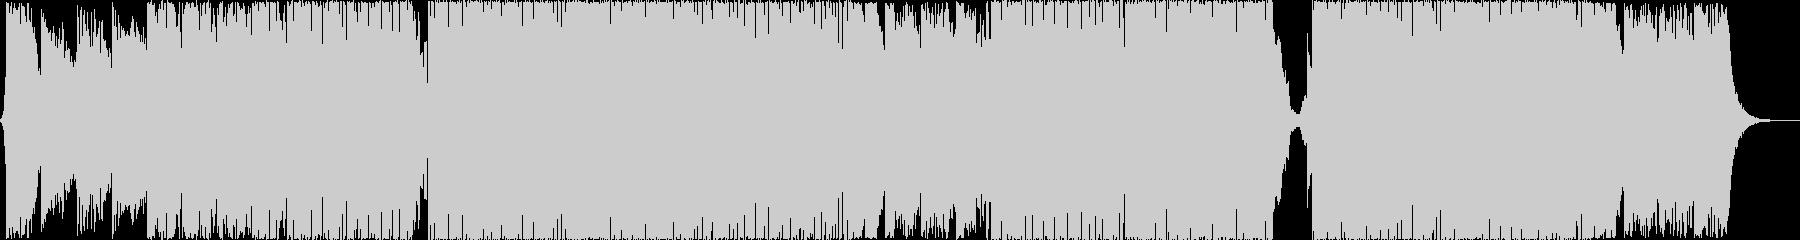 ダウンテンポの美しいEDMの未再生の波形